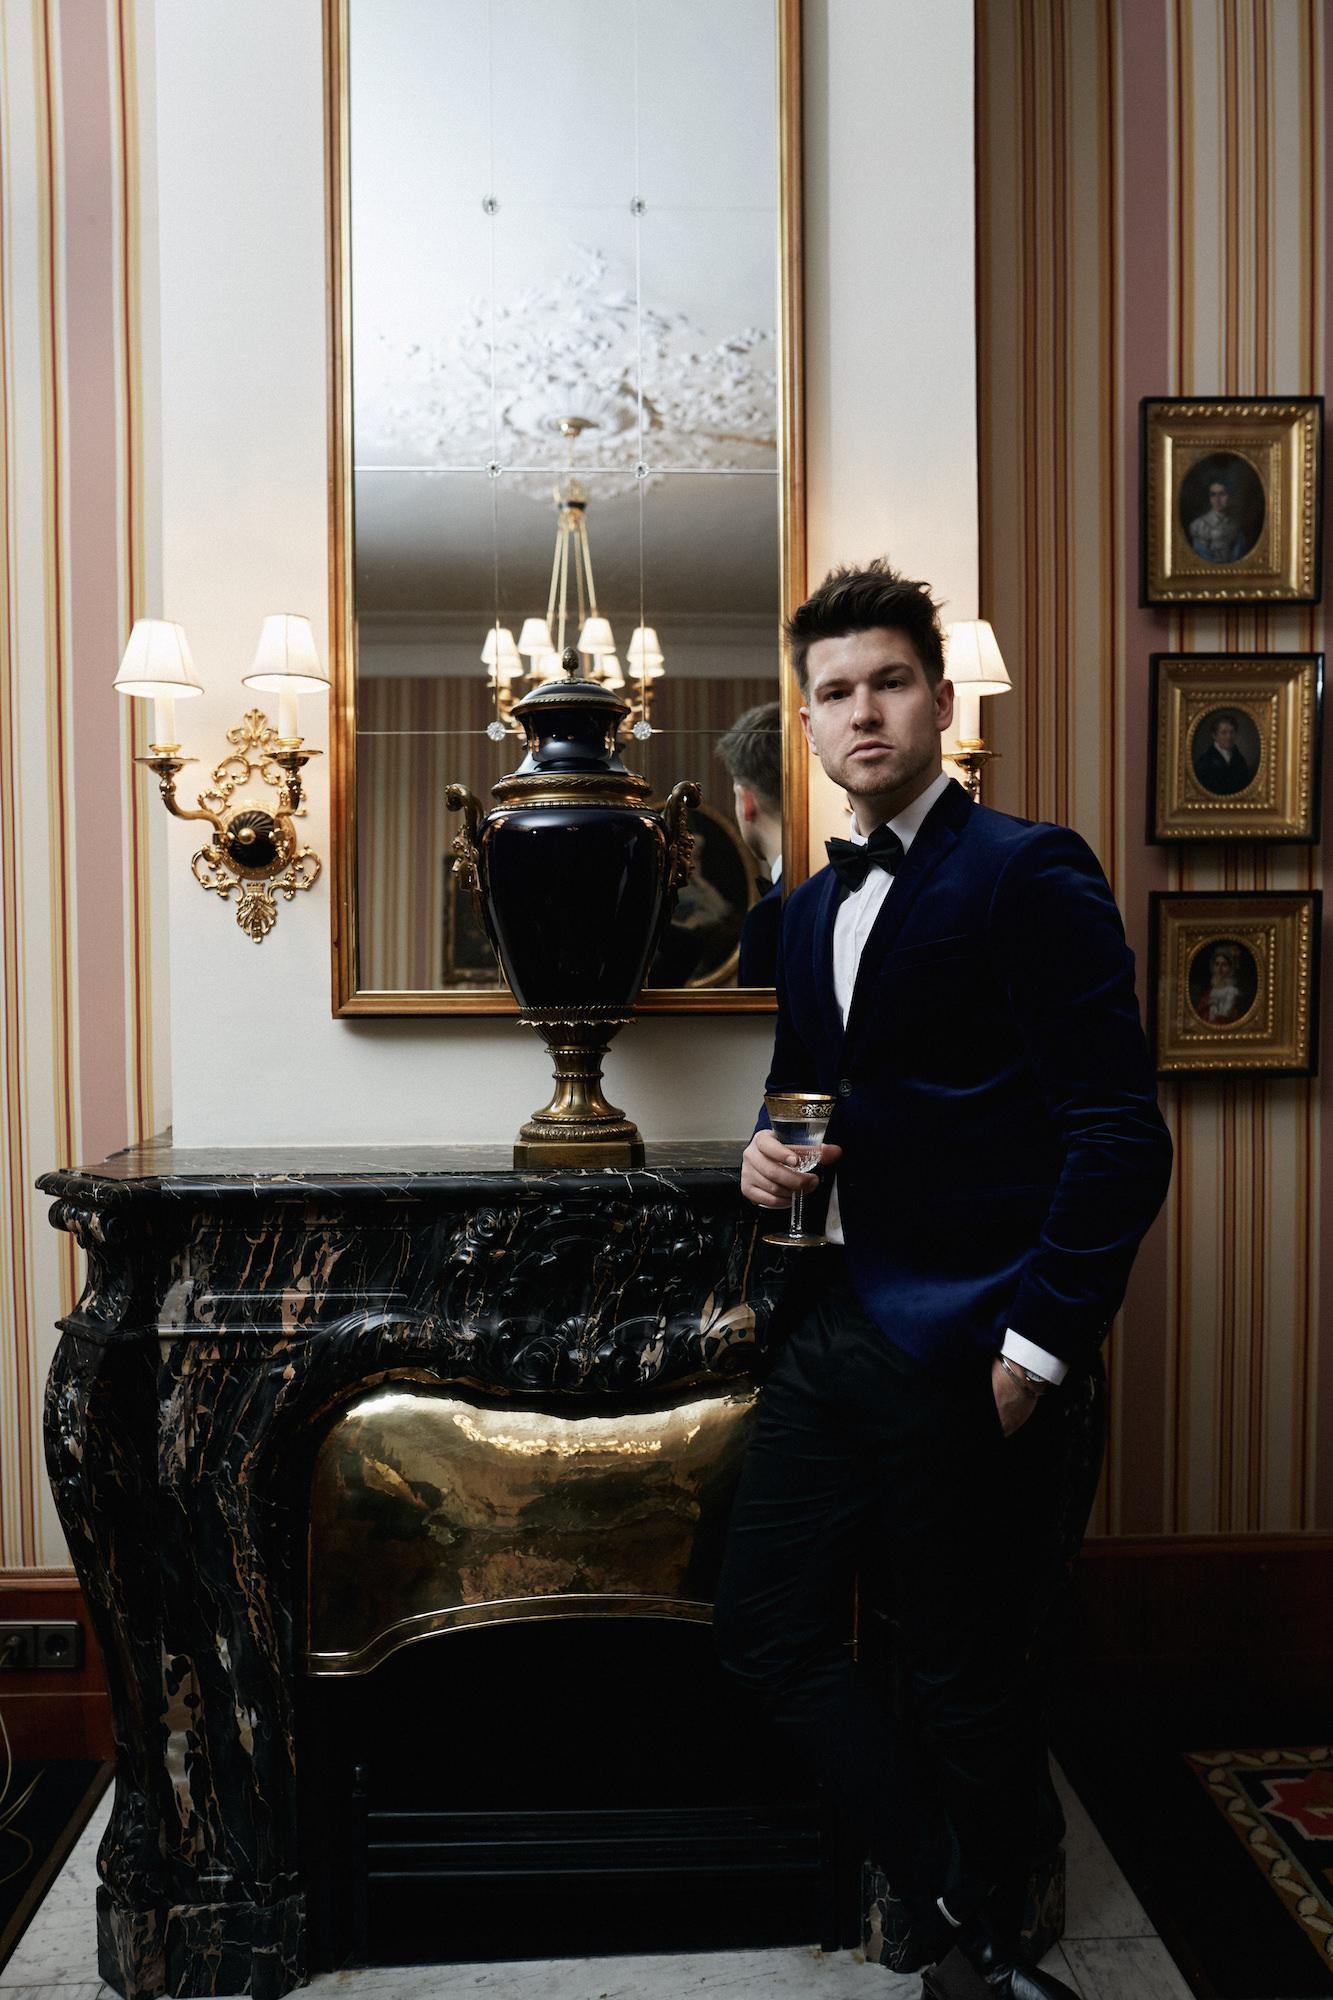 Elegantes Silvesteroutfit für Männer_Tiger of Sweden Samt Blazer_Meanwhile in Awesometown_Modeblogger_Mens Fashion und Lifestyleblogger_Wiener Blogger_Maleblogger11